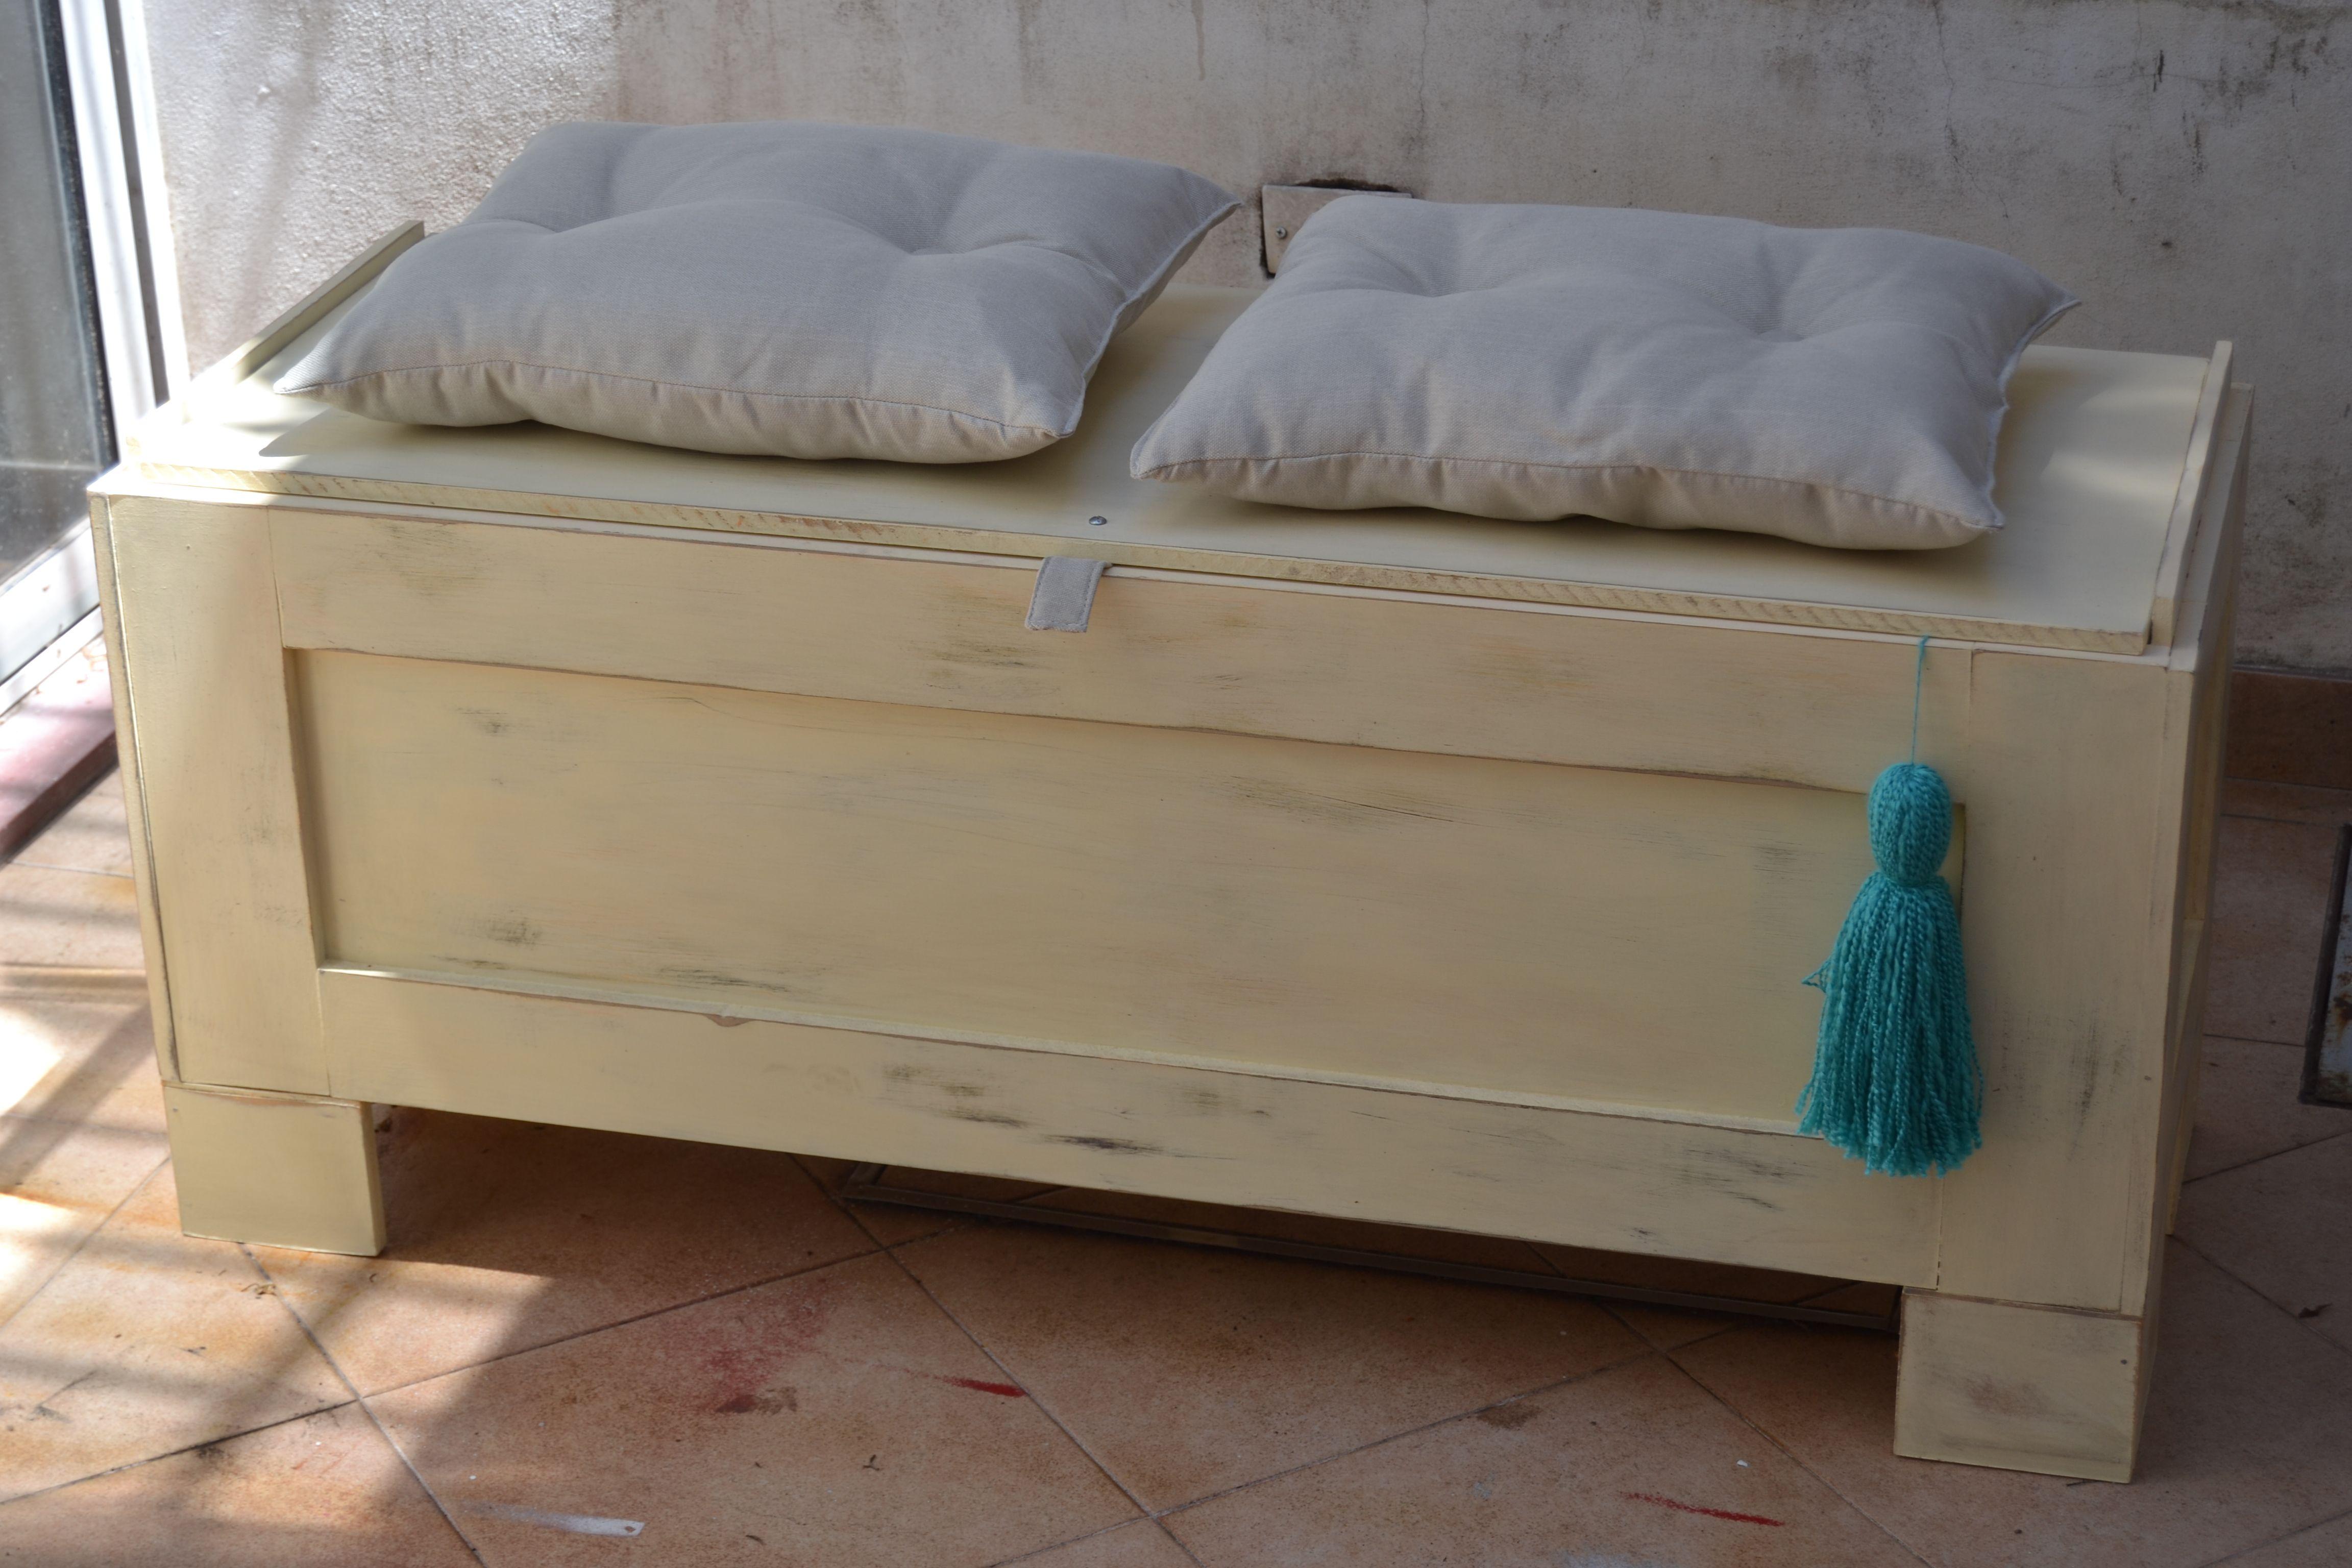 Excelente Banqueta Pie De Cama En Madera Con Almohadones En Lino Storage Bench Furniture Home Decor